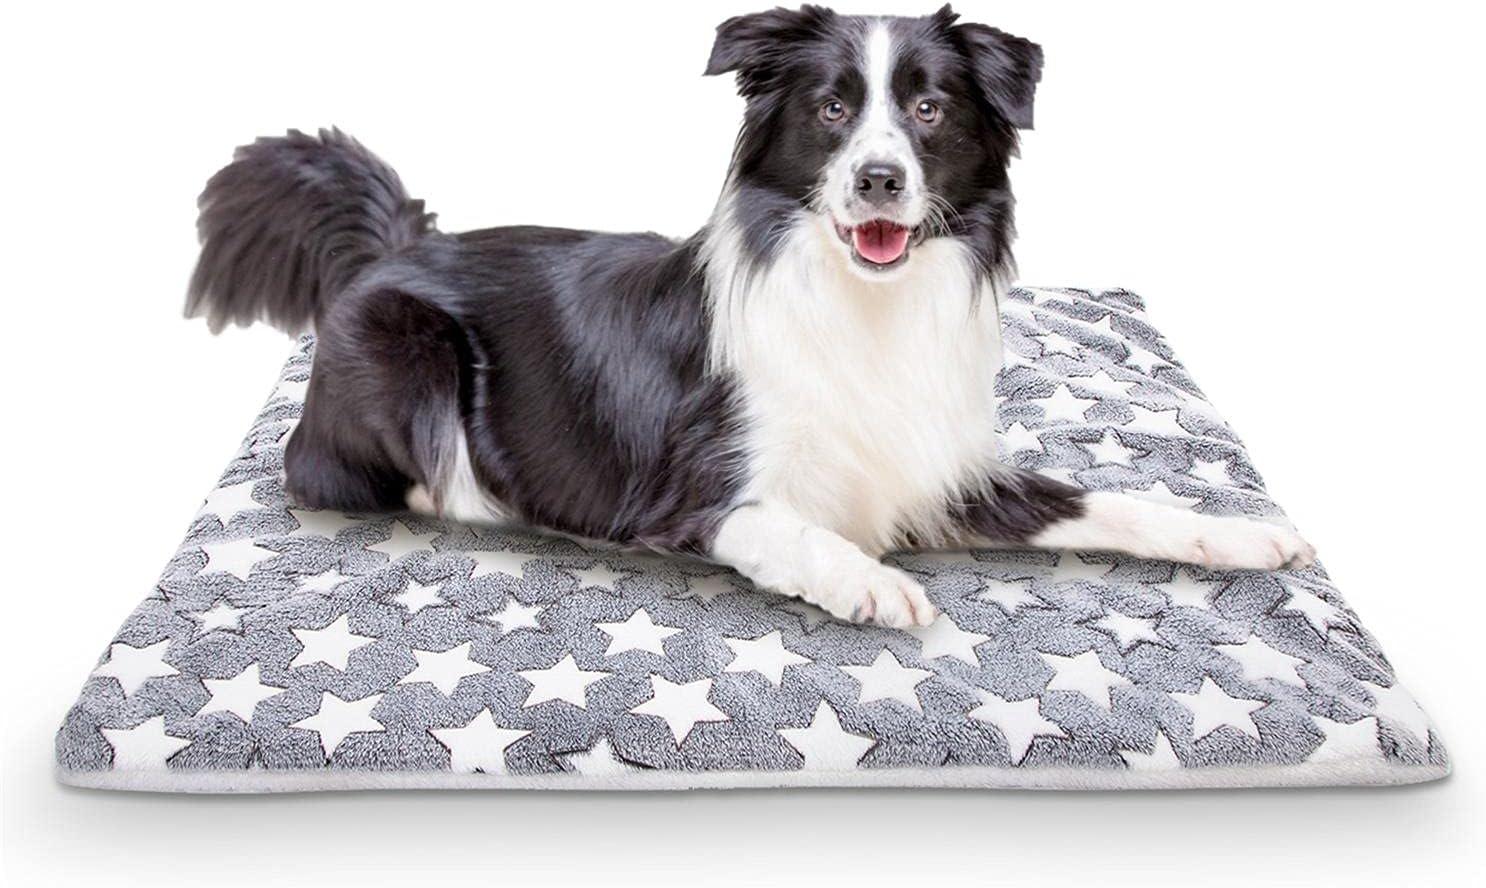 Nobleza colchón para Perros de Franela, colchoneta de Cama para Mascotas Reversible (cálido y frío), colchoneta para Dormir para Mascotas Adecuada para Perros Grandes y pequeños, Gris, L100*W75CM